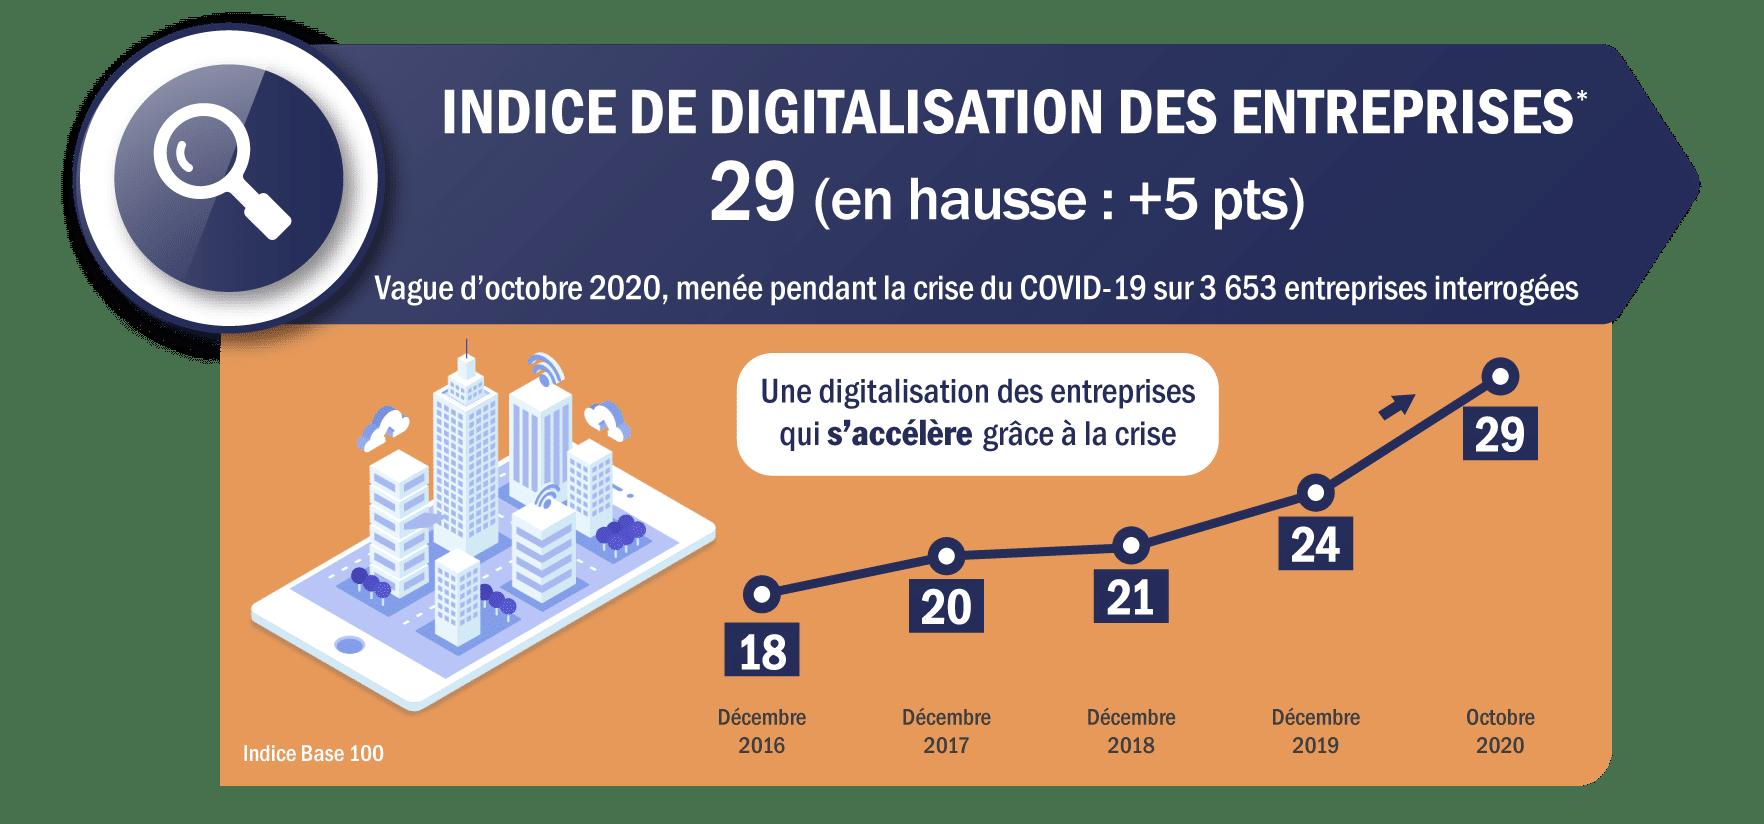 indice de digitalisation des entreprises 2020